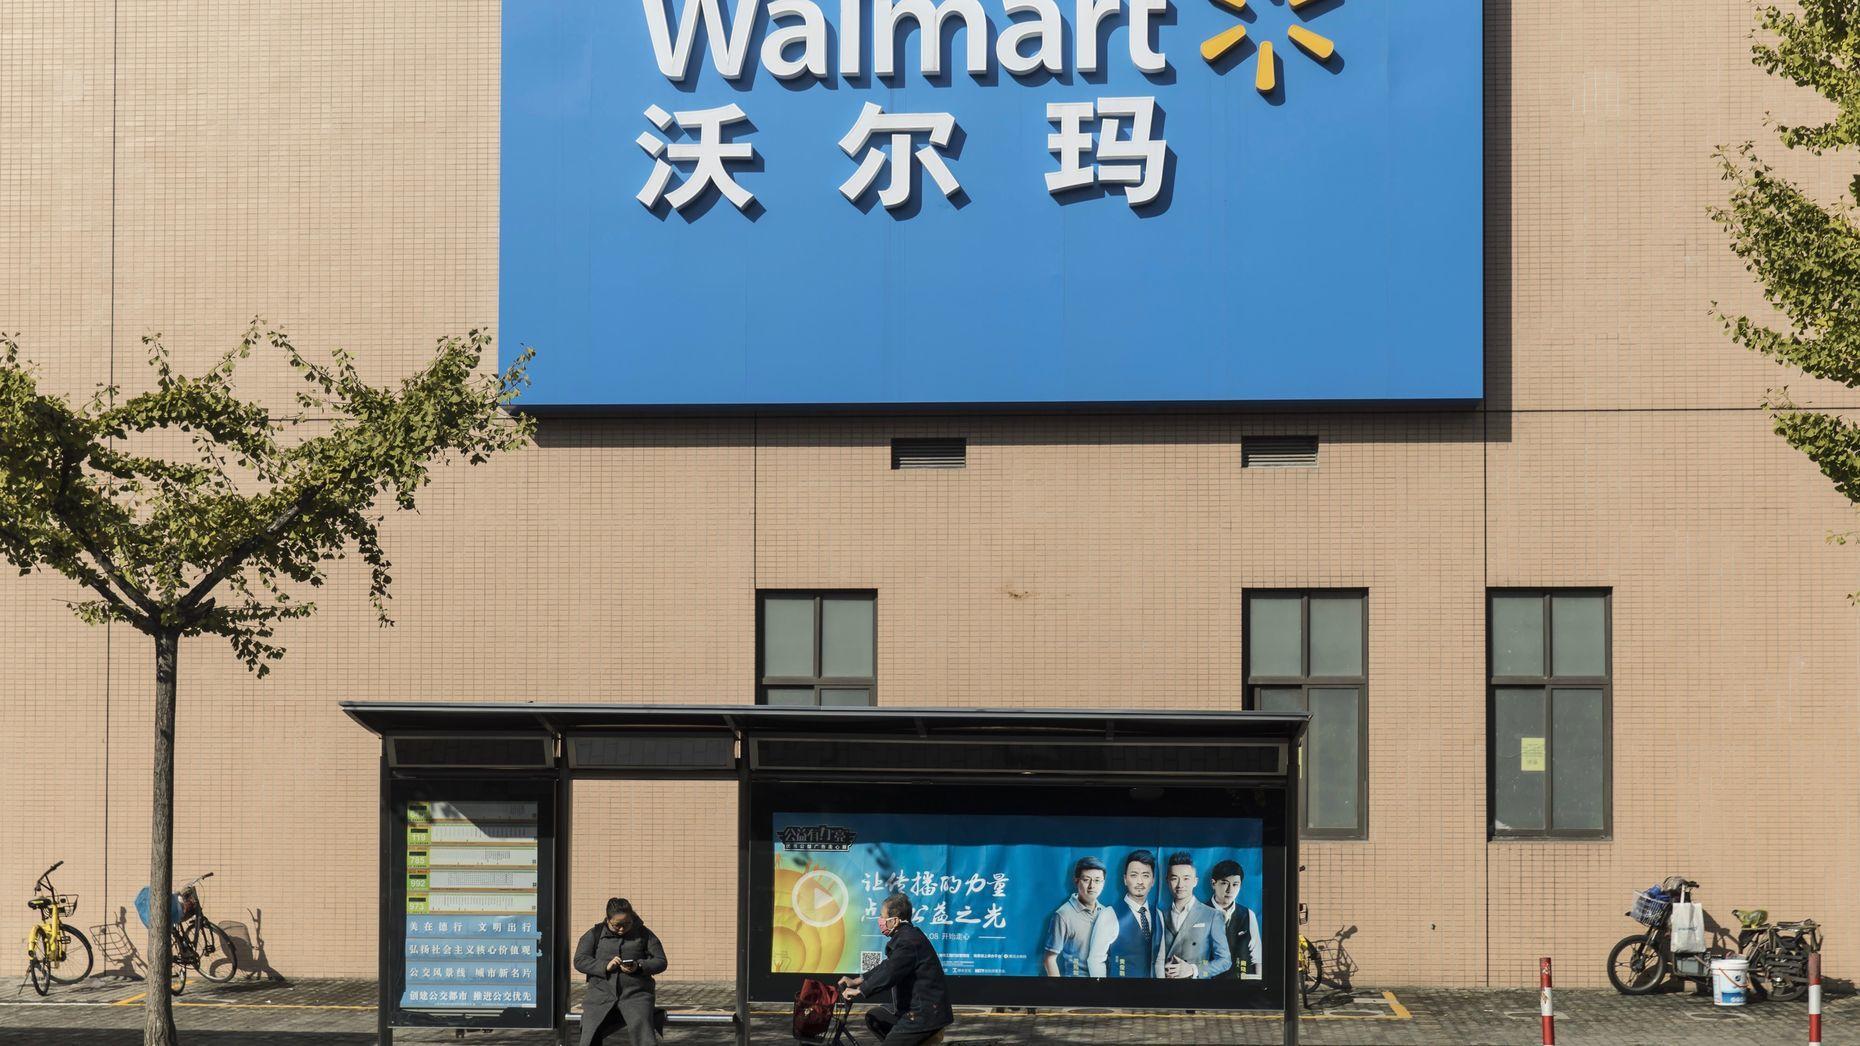 沃尔玛盯上中国创企,求新技术与阿里等电商竞争